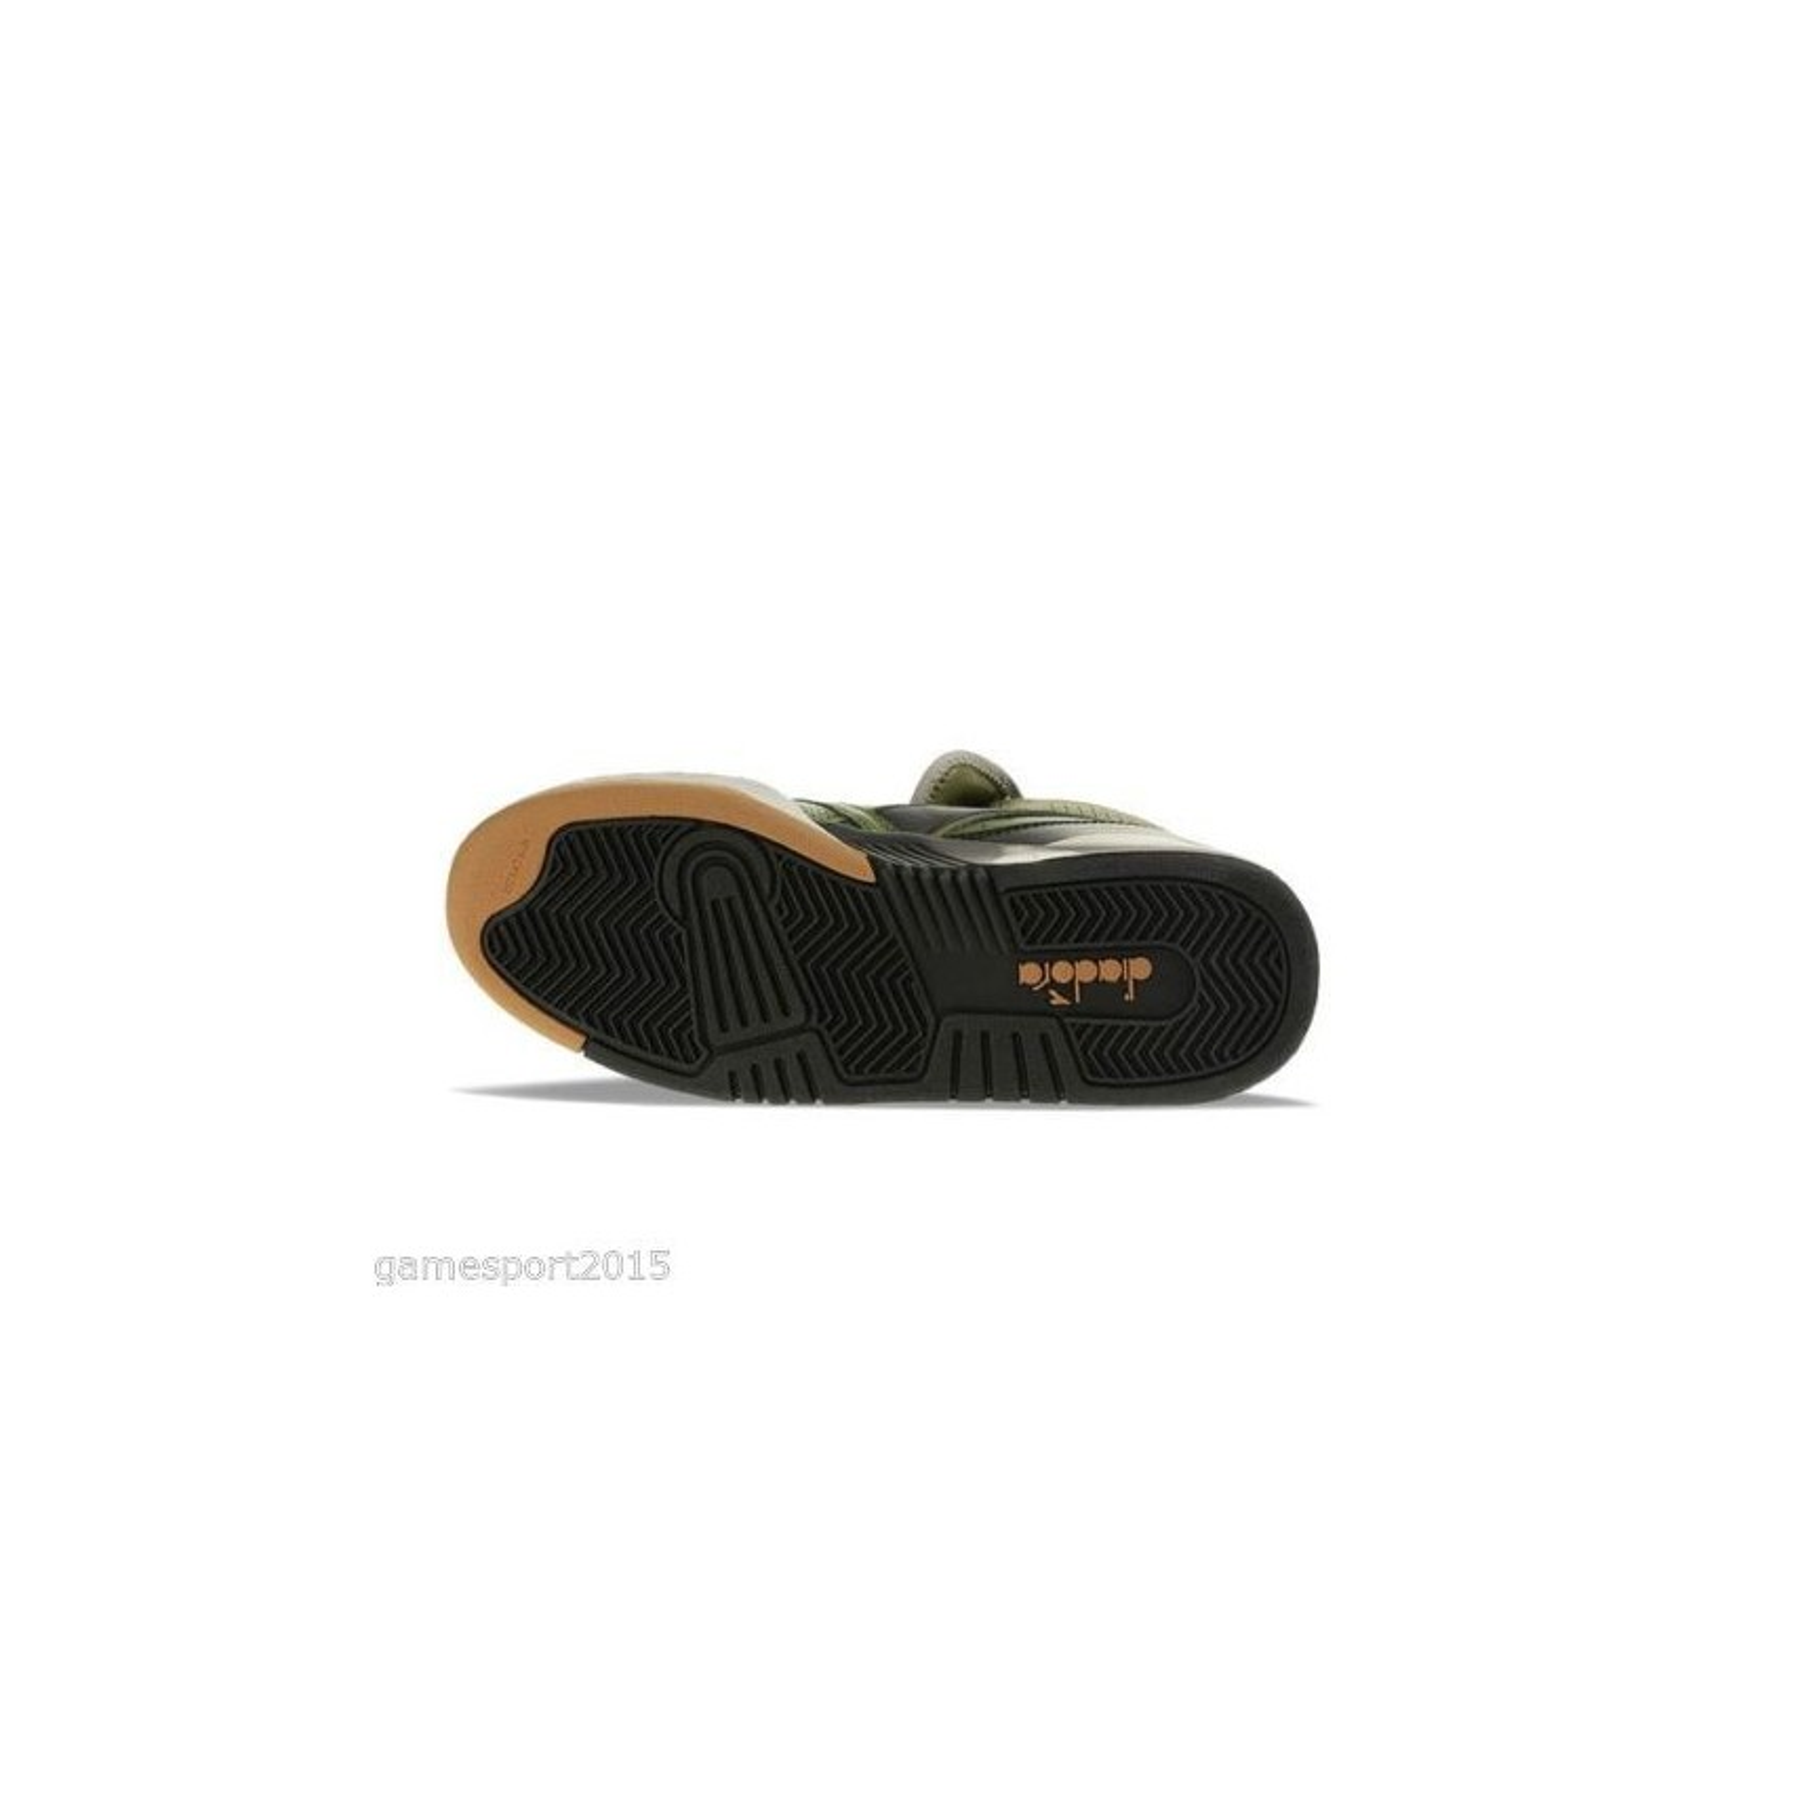 Diadora SCARPA ALTA DIADORA SHOES B5000 Olive Branch unico Snea